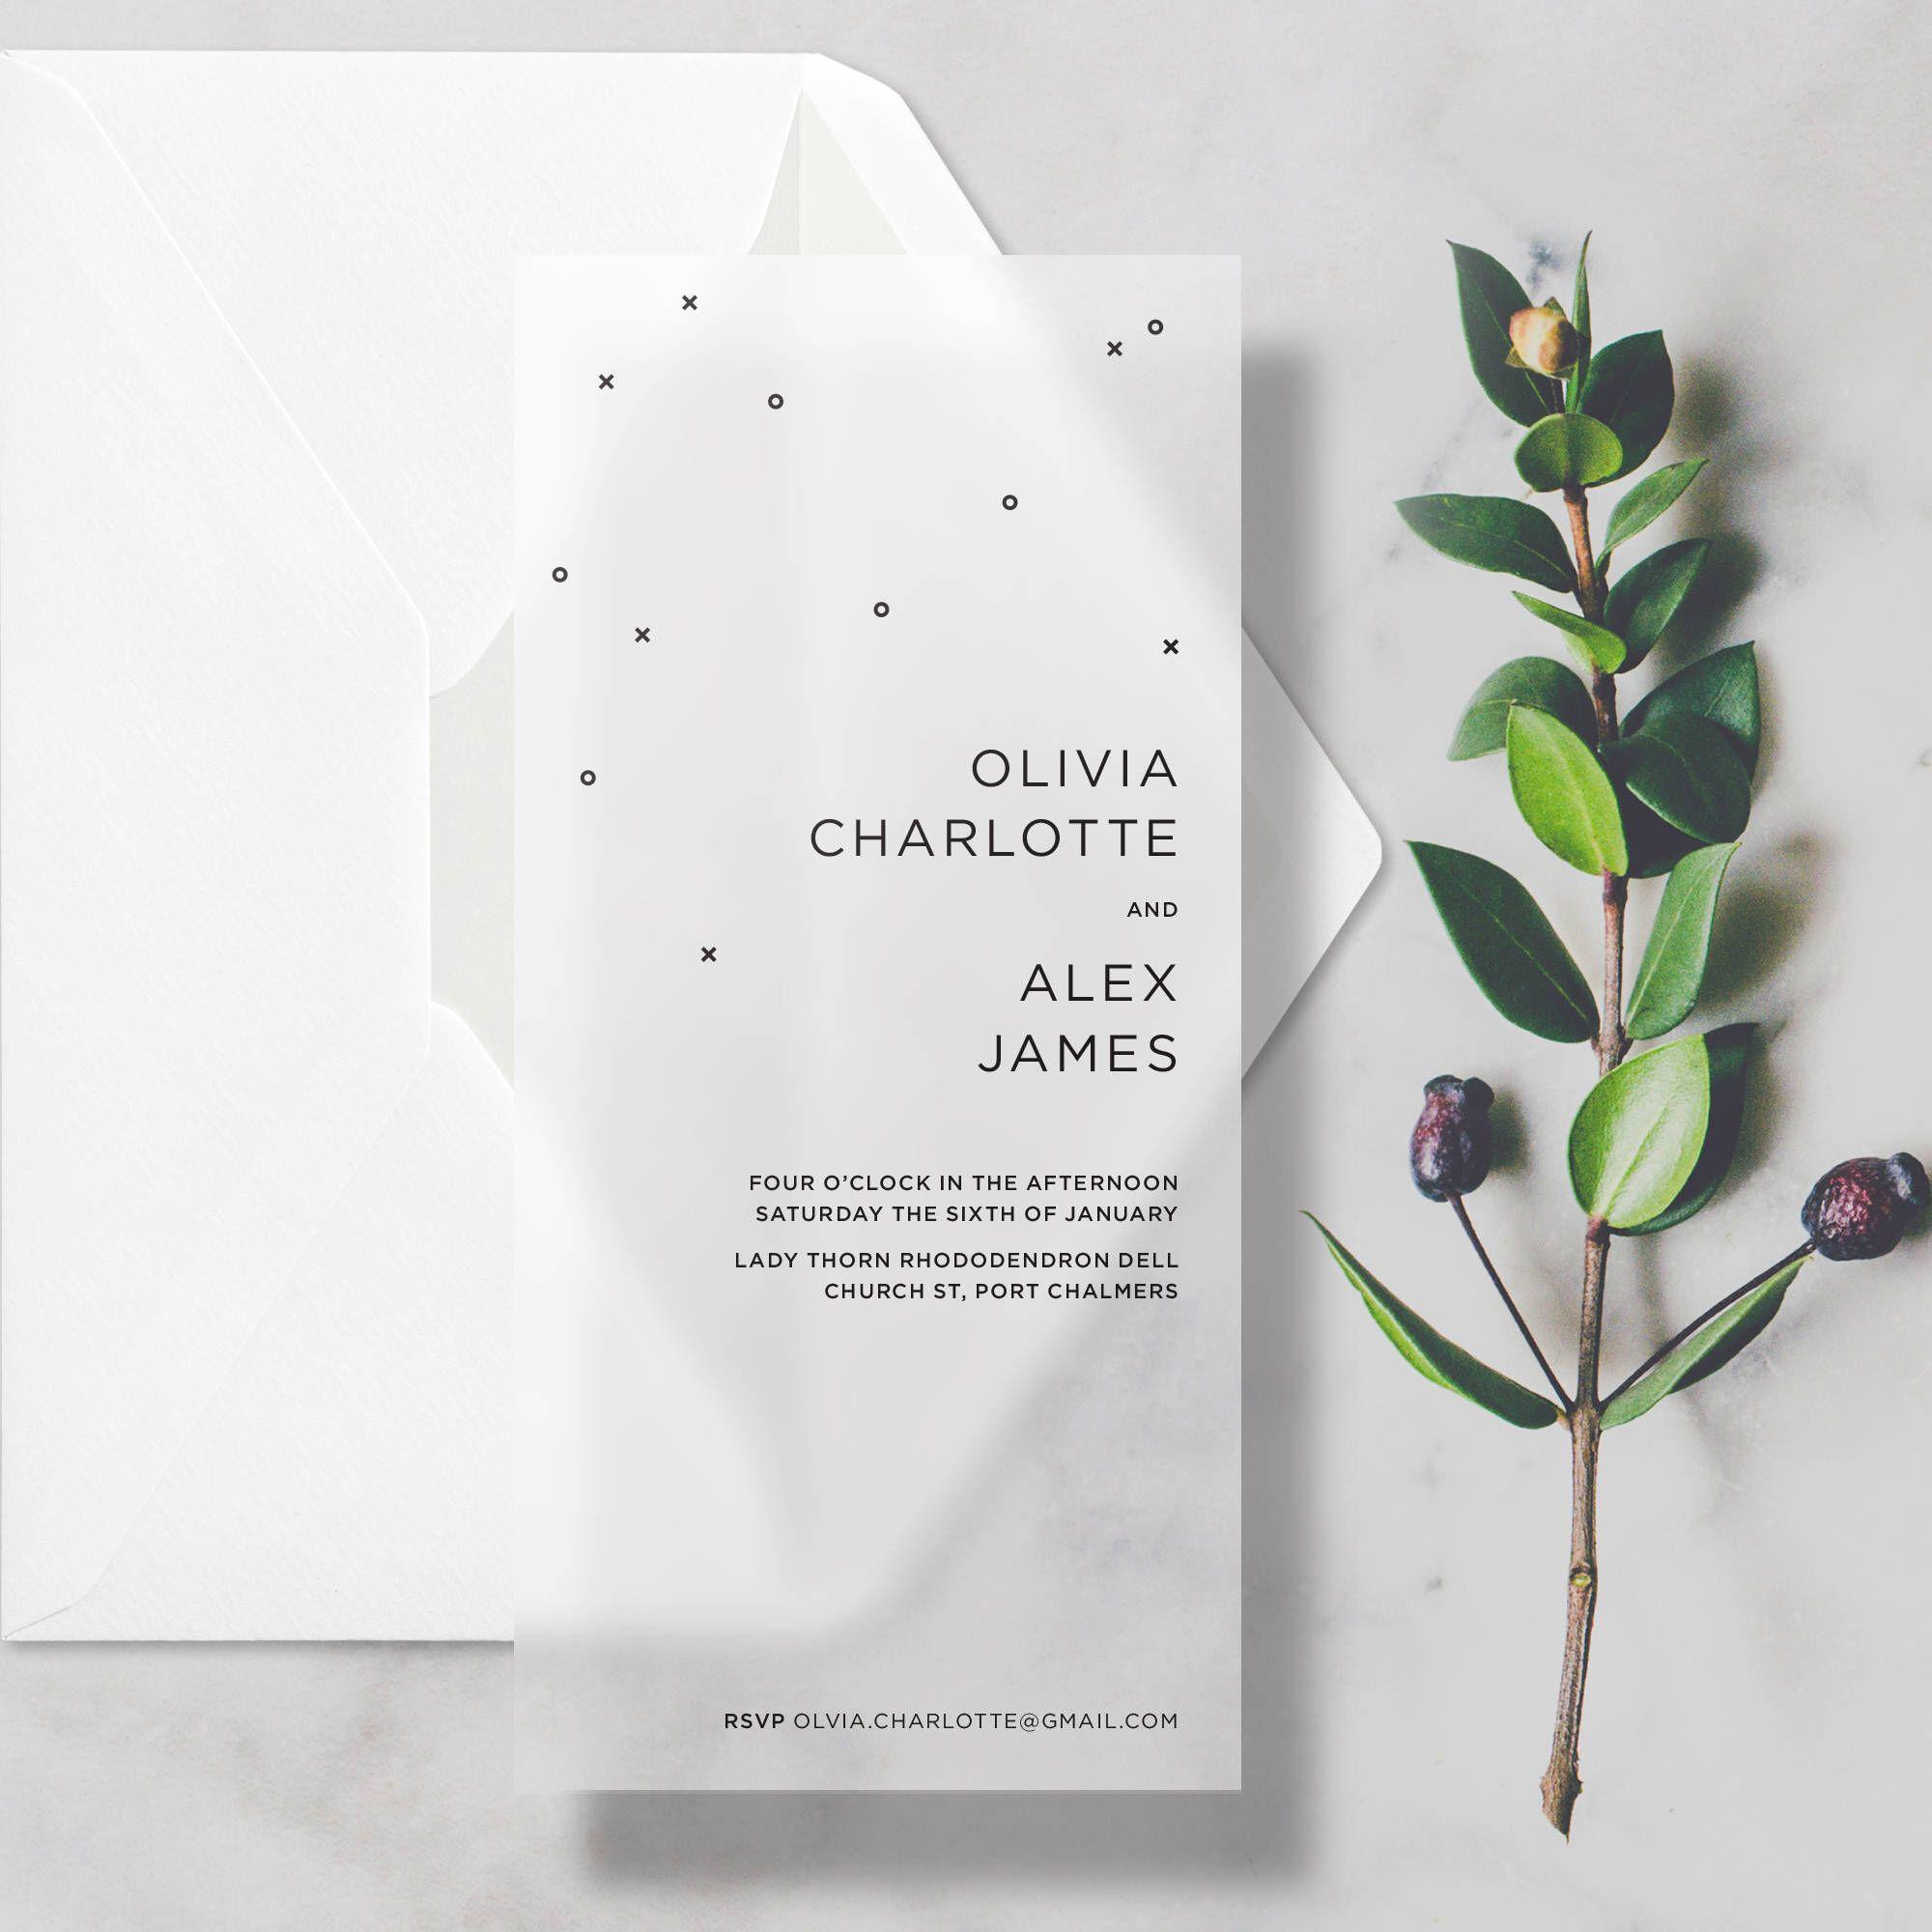 Sample Minimal Vellum Wedding Invitations Transparent Translucent